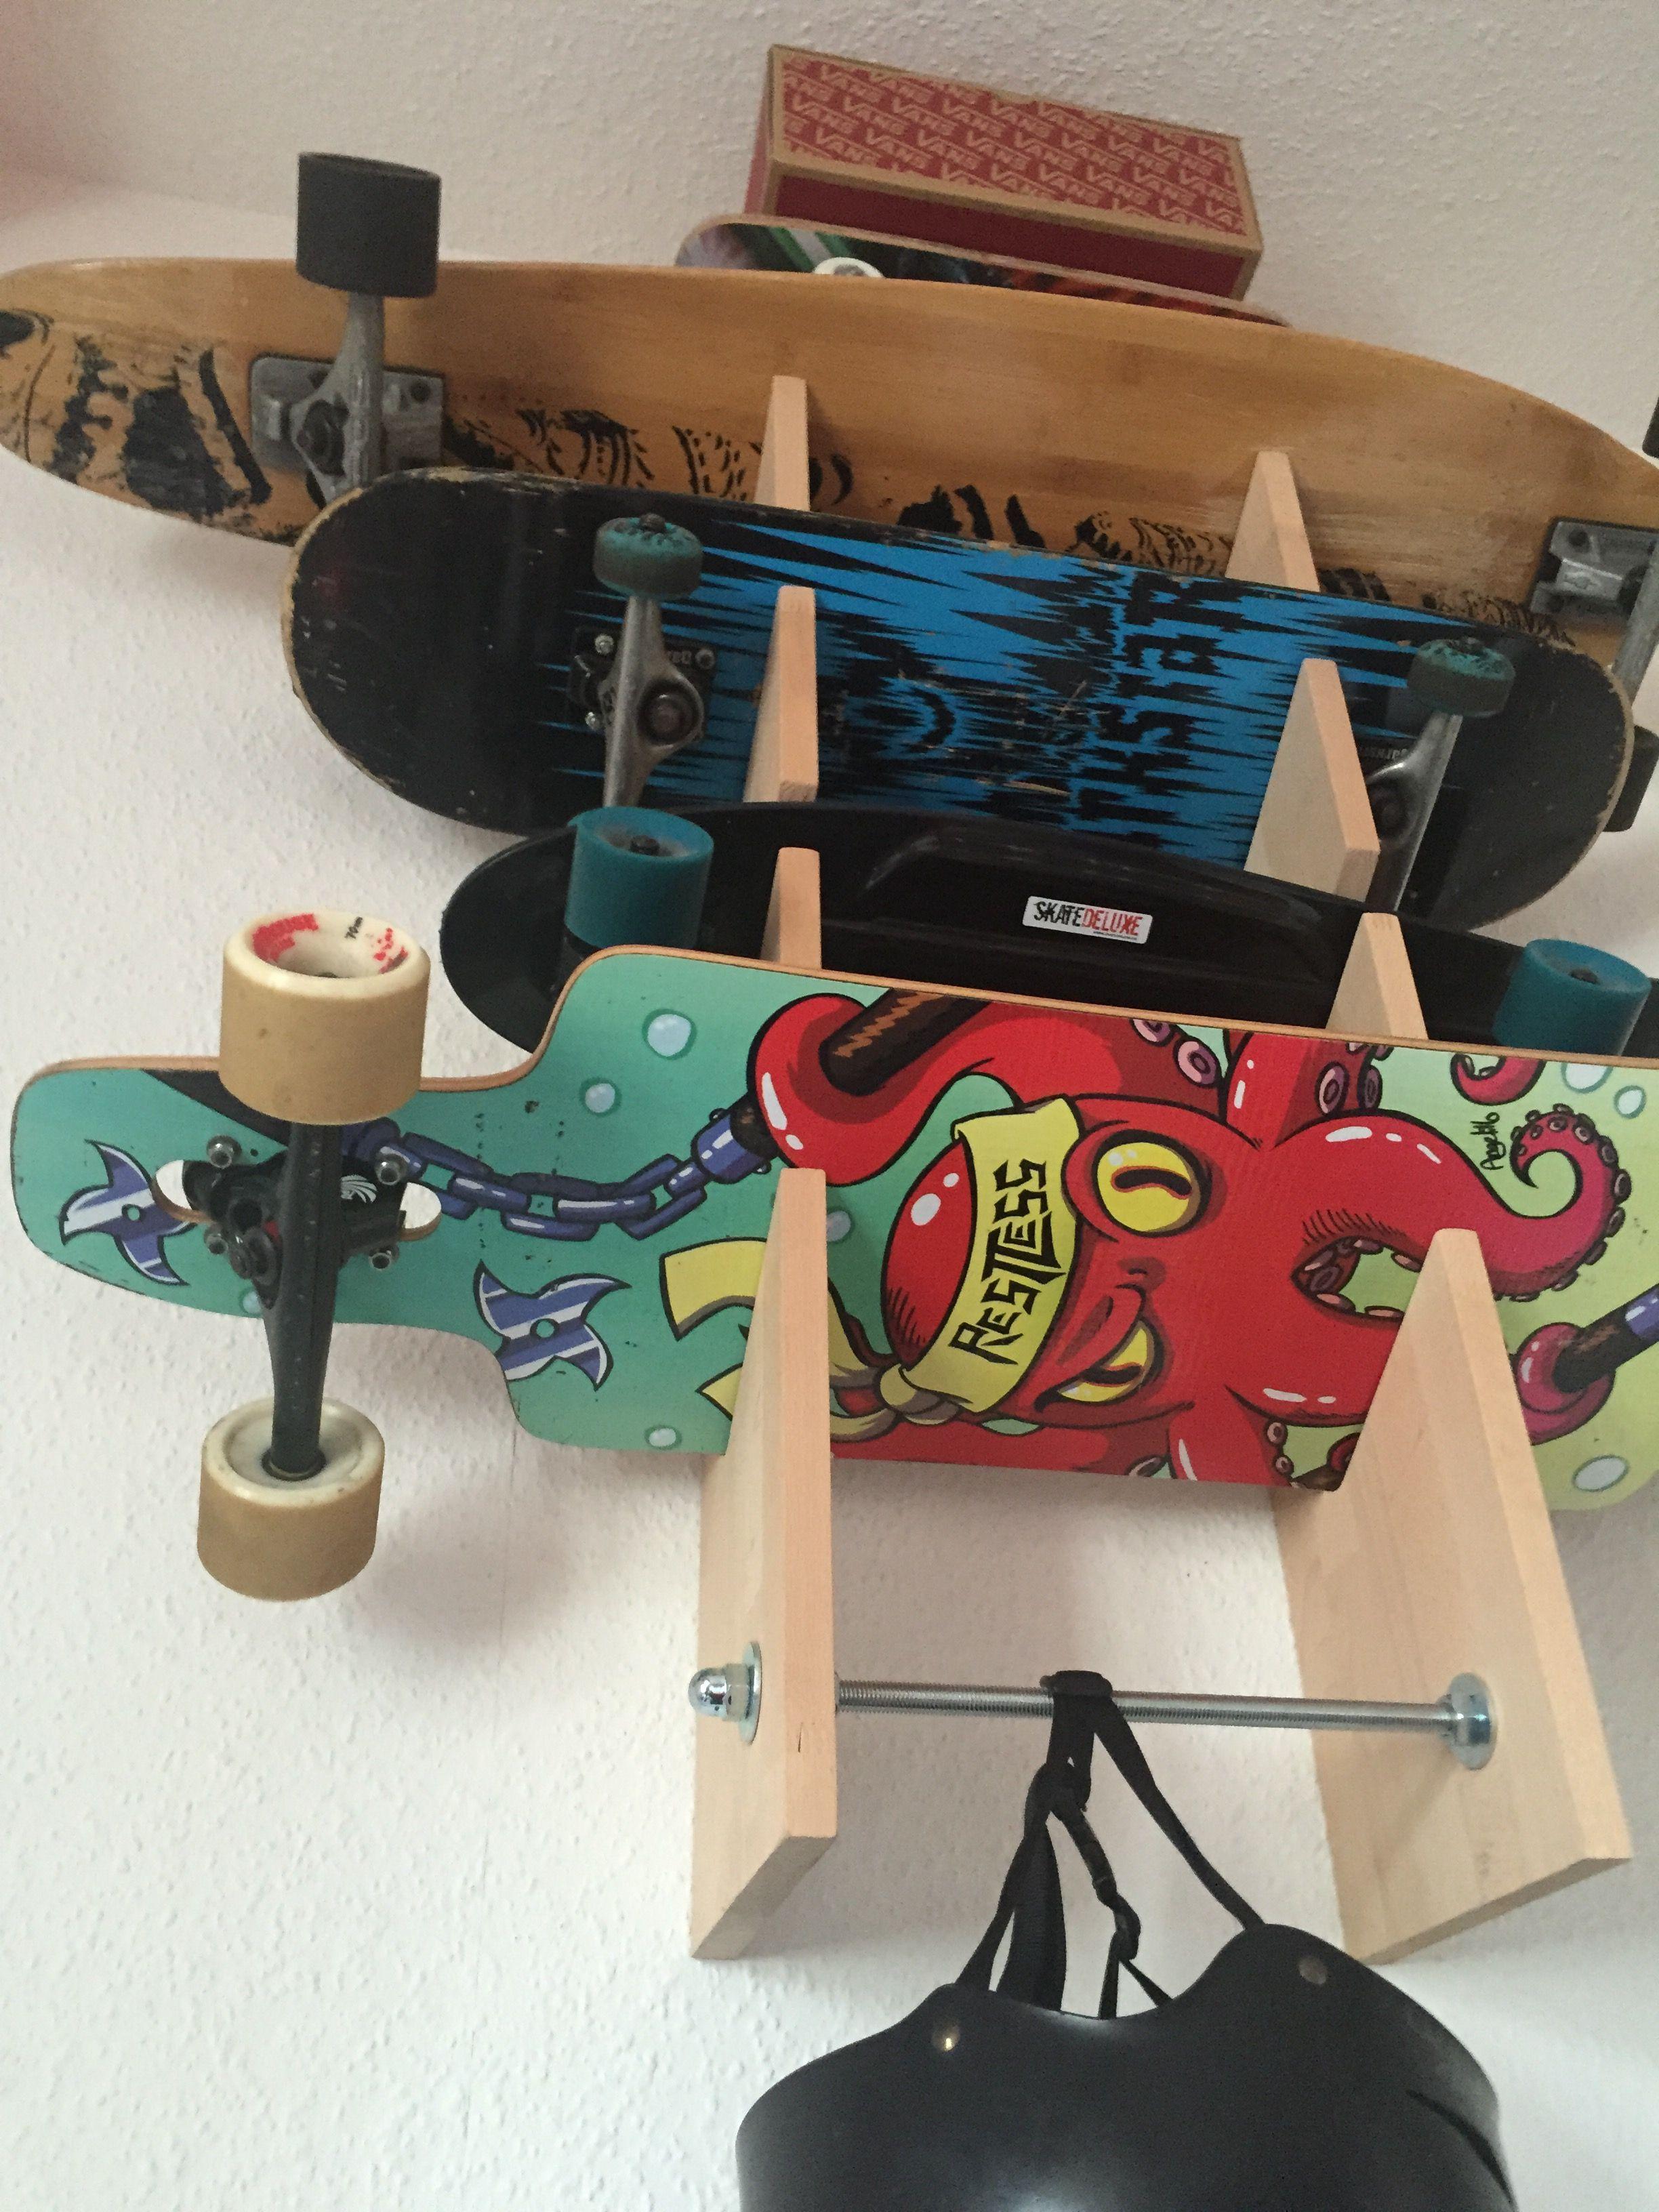 Kleine Bauanleitung Für Den Bau Einer Skate  Und Longboard Wandhalterung.  #Skaterack #skatemount